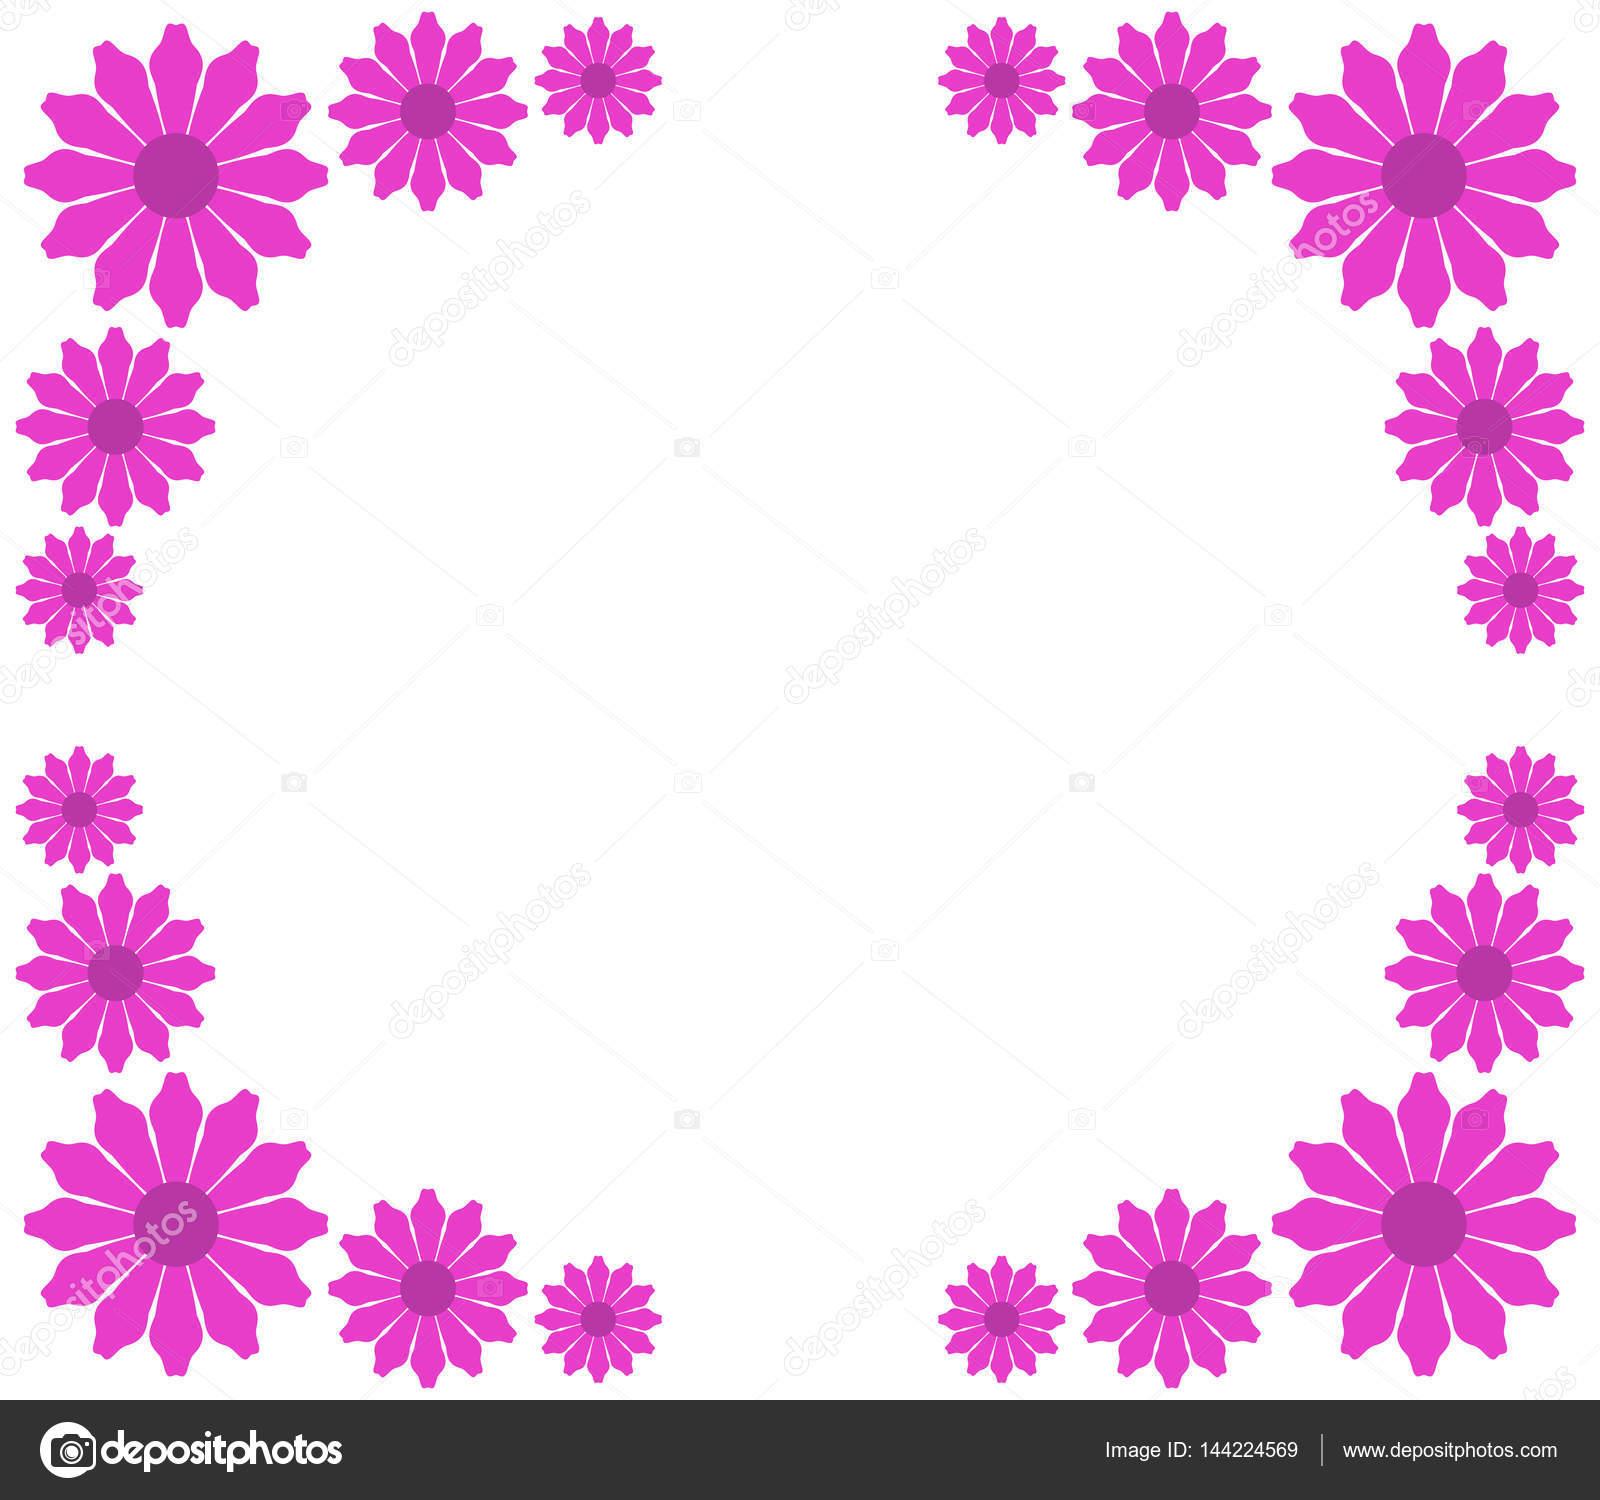 白い背景のイラスト花のフレーム — ストックベクター © marcotrapani